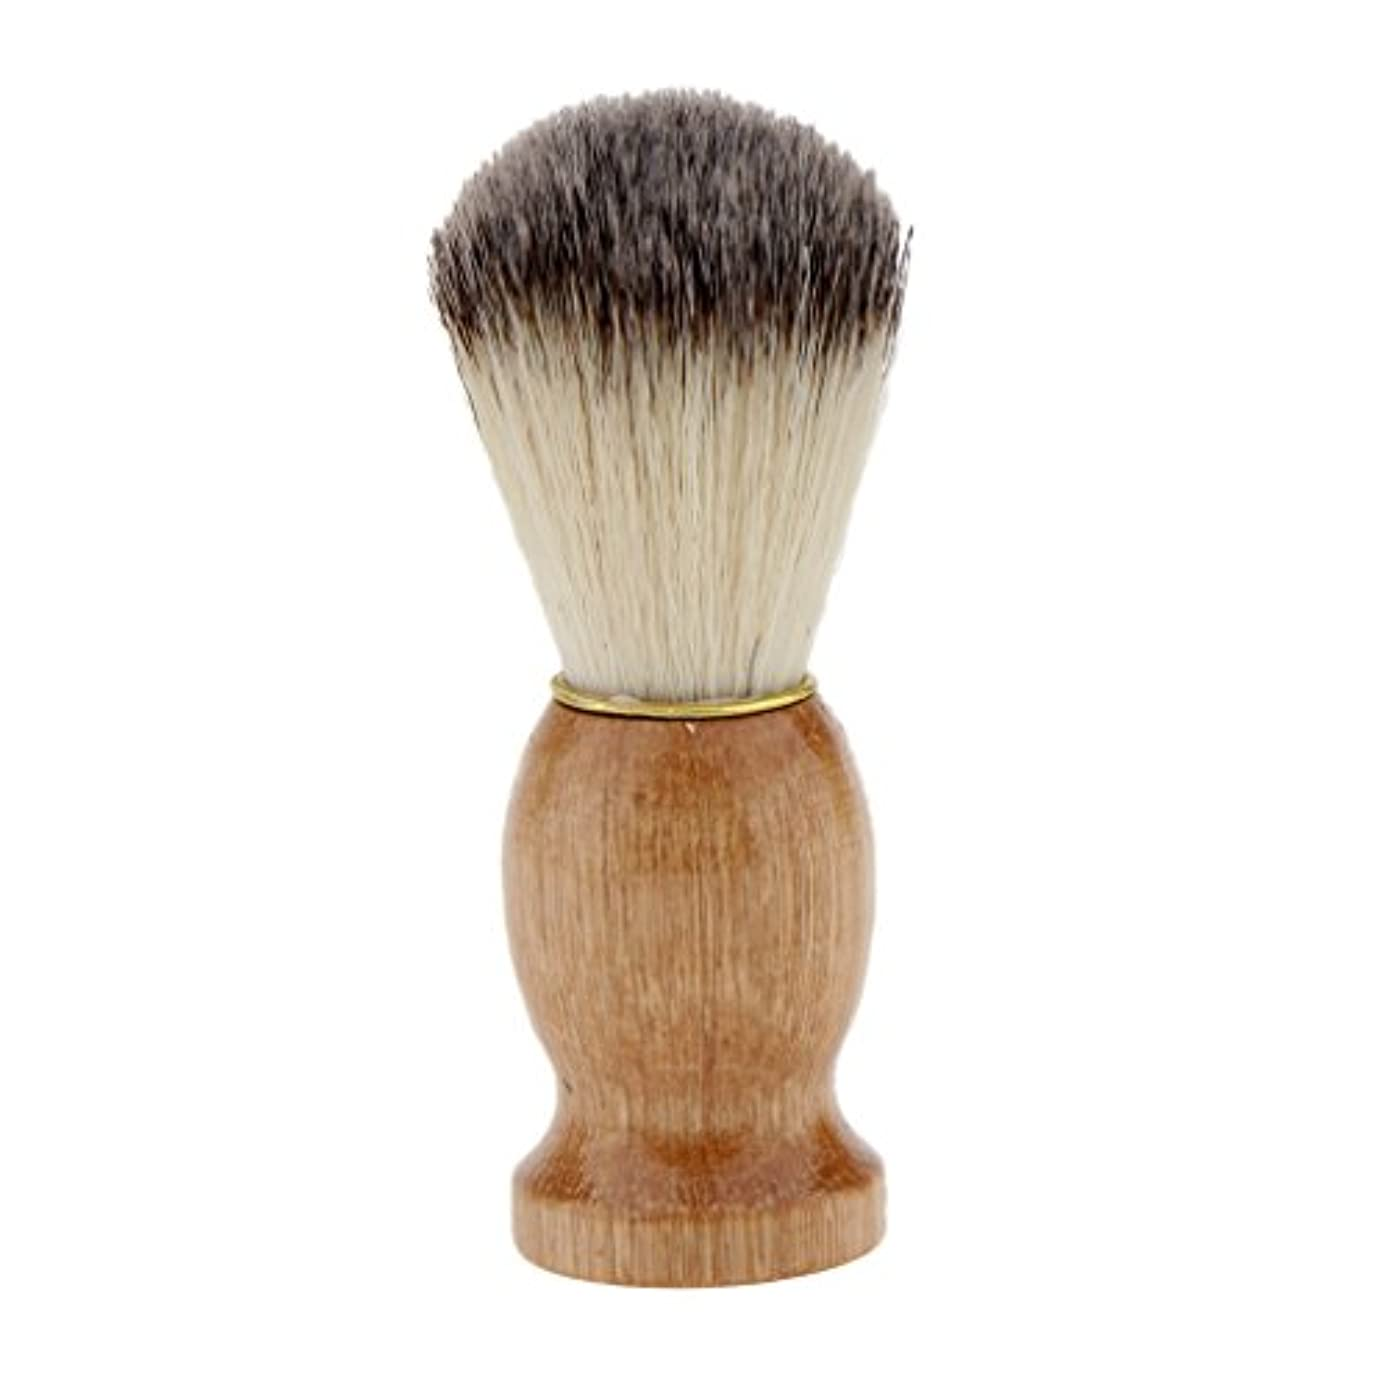 幼児ランチョンホバートCUTICATE シェービングブラシ 理容師 シェービングブラシ ひげ剃りブラシ コスメブラシ 木製ハンドル